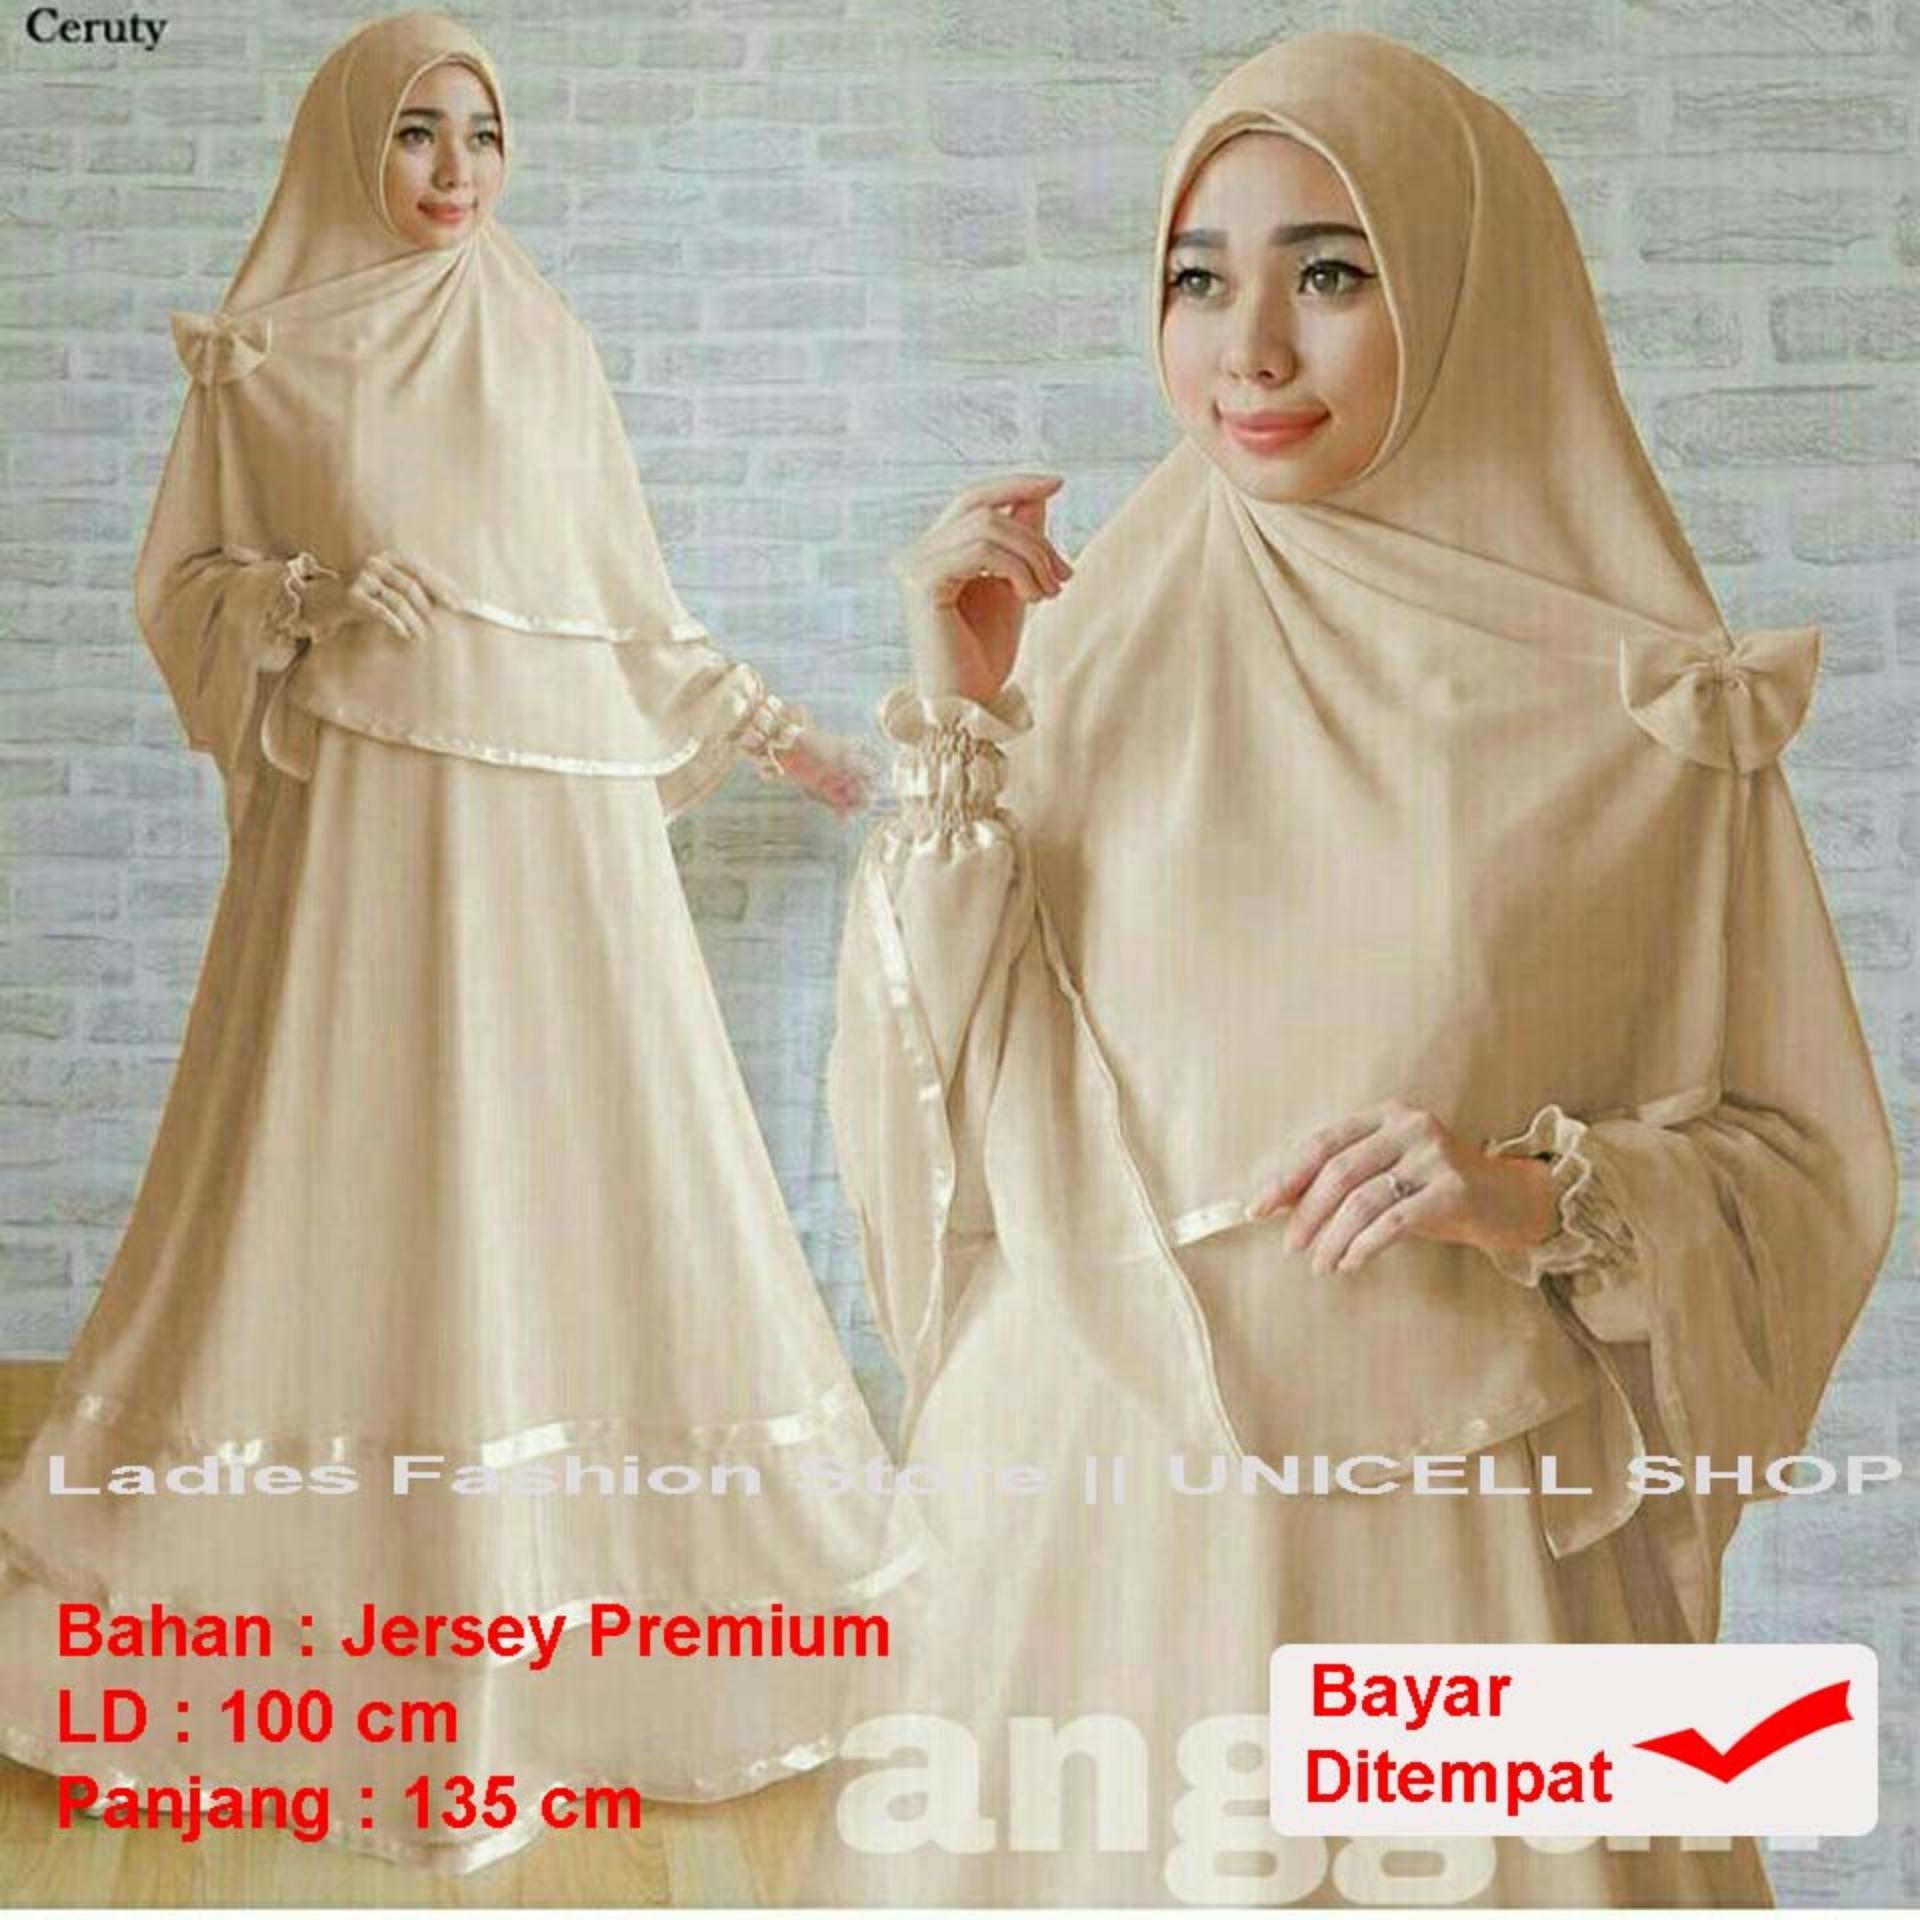 UC Baju Gamis Muslimah syari Fitri Busui / Set Terusan Maxi / Syari Simple Elegant / Baju Muslim Wanita / Kebaya Modern (ggunan) 1N - COKLAT SUSU /Hijab Muslimah / Baju Muslimah Wanita / Syari Syari'i Muslim / Gaun Muslim / Long Dress Muslimah Wanita